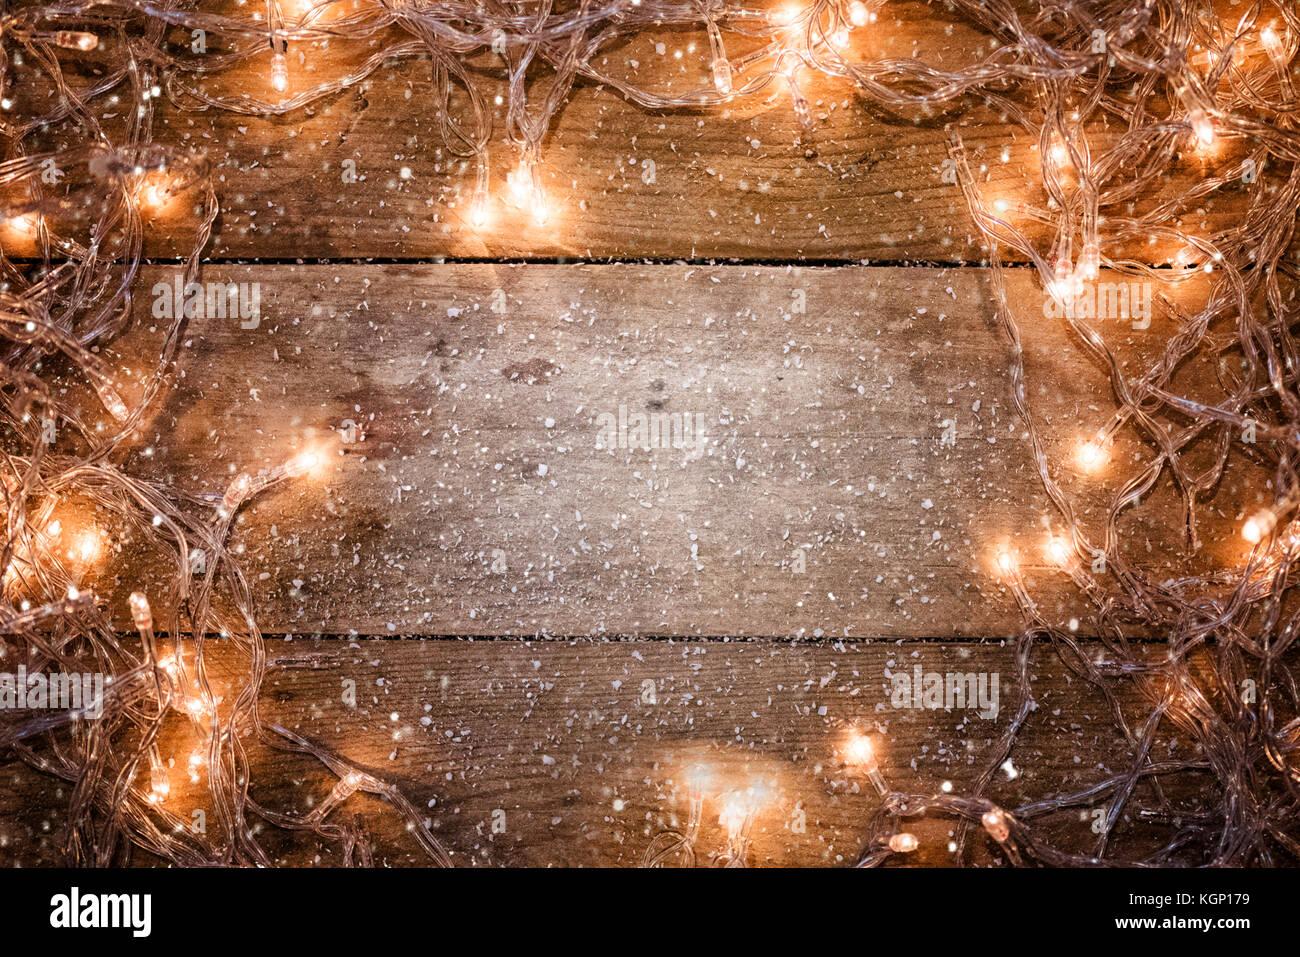 Christmas Lights Background.Christmas Lights Background Christmas Ornaments Stock Photo